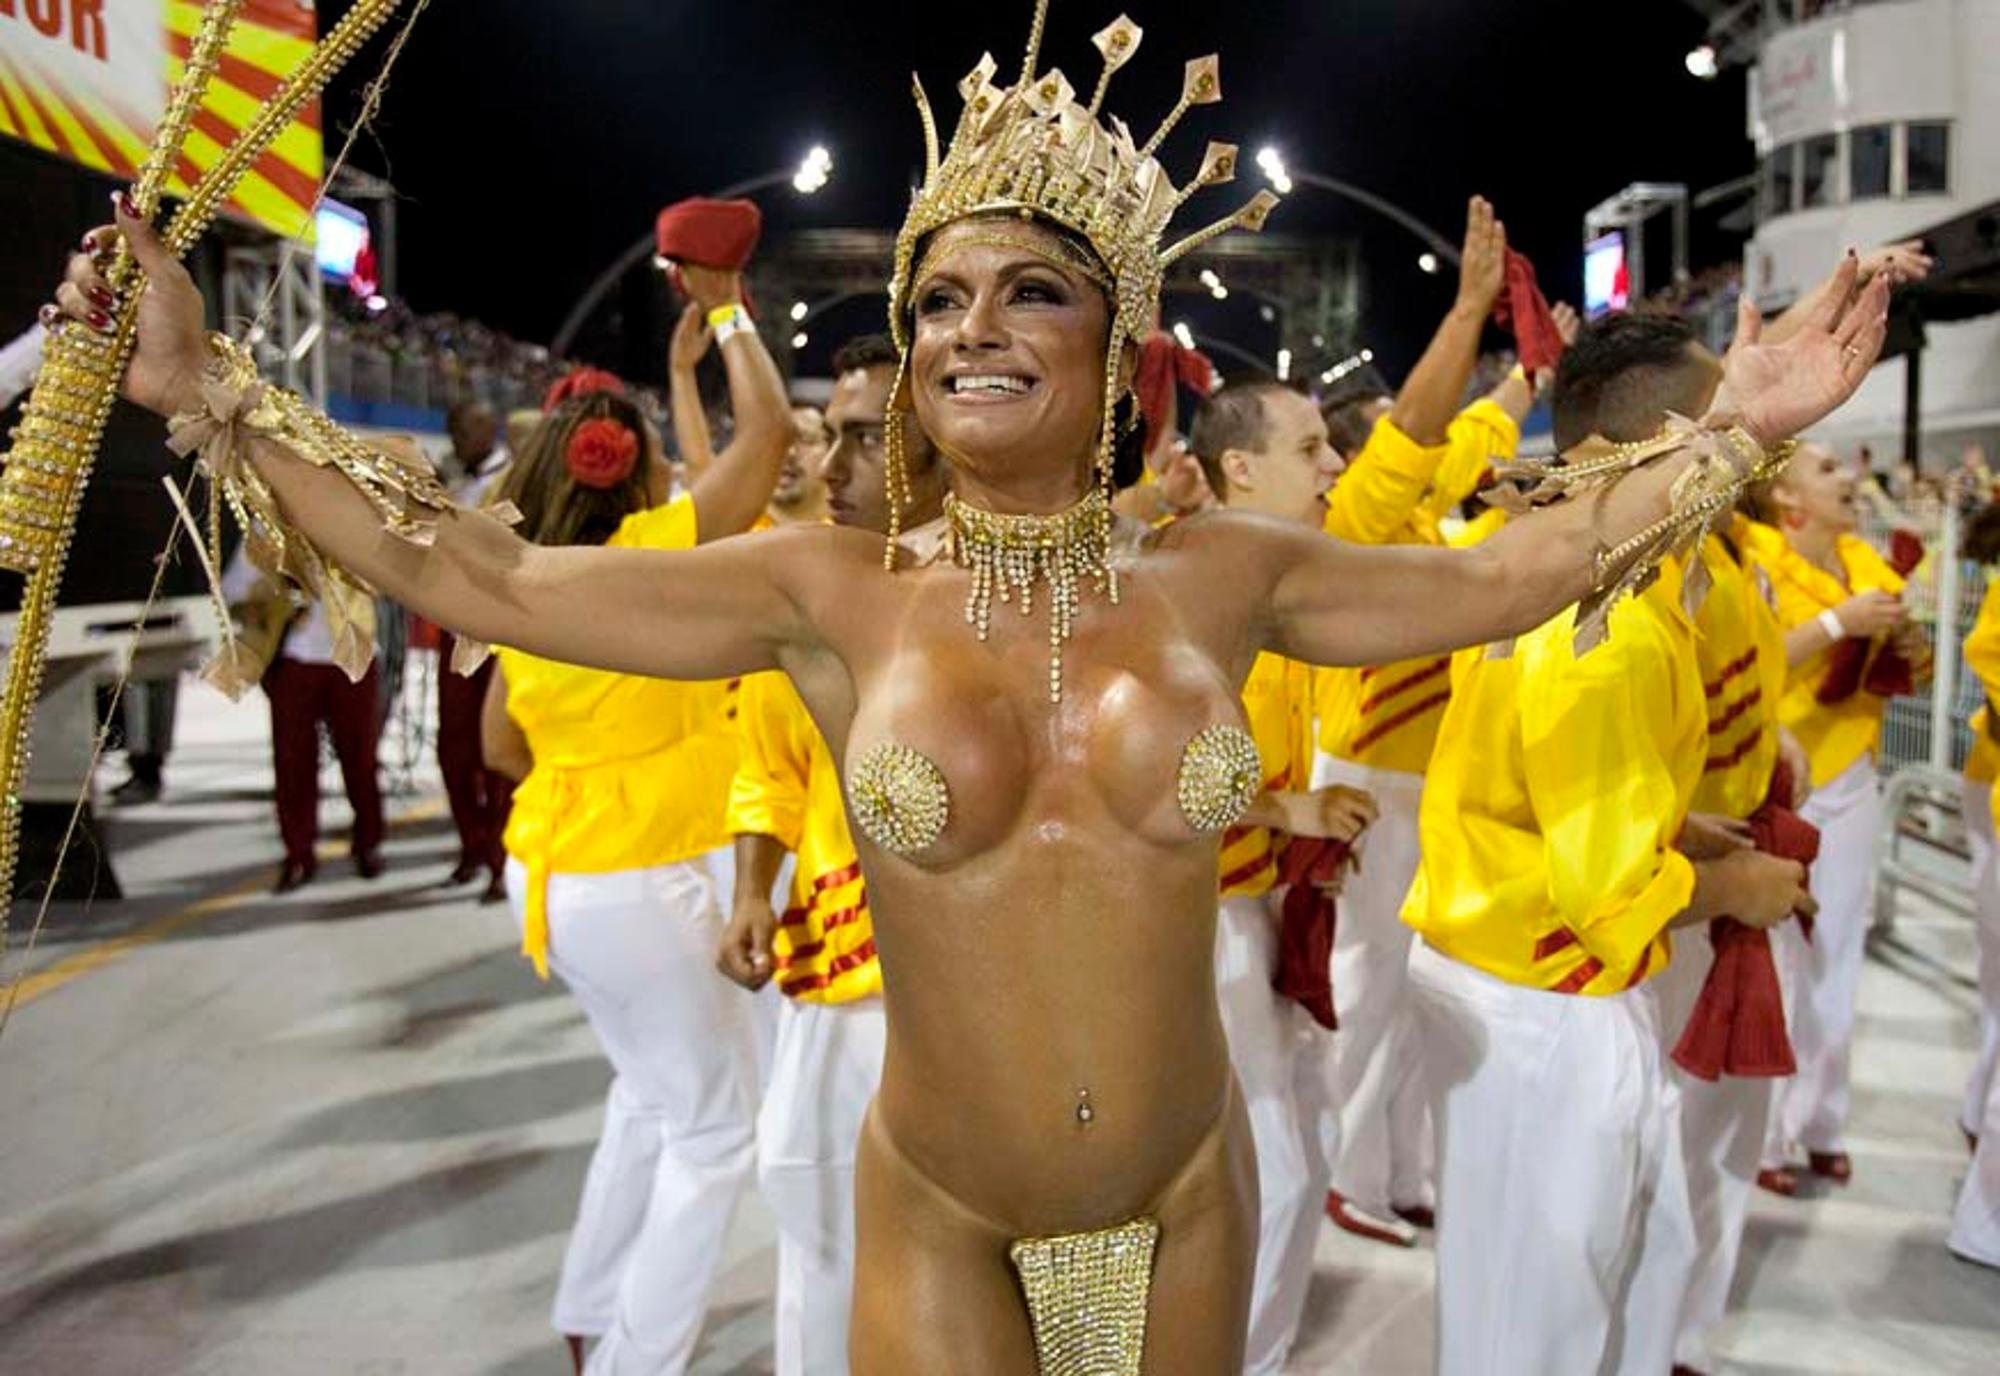 Смотреть видео телок без трусов на бразильских карнавалах — img 7